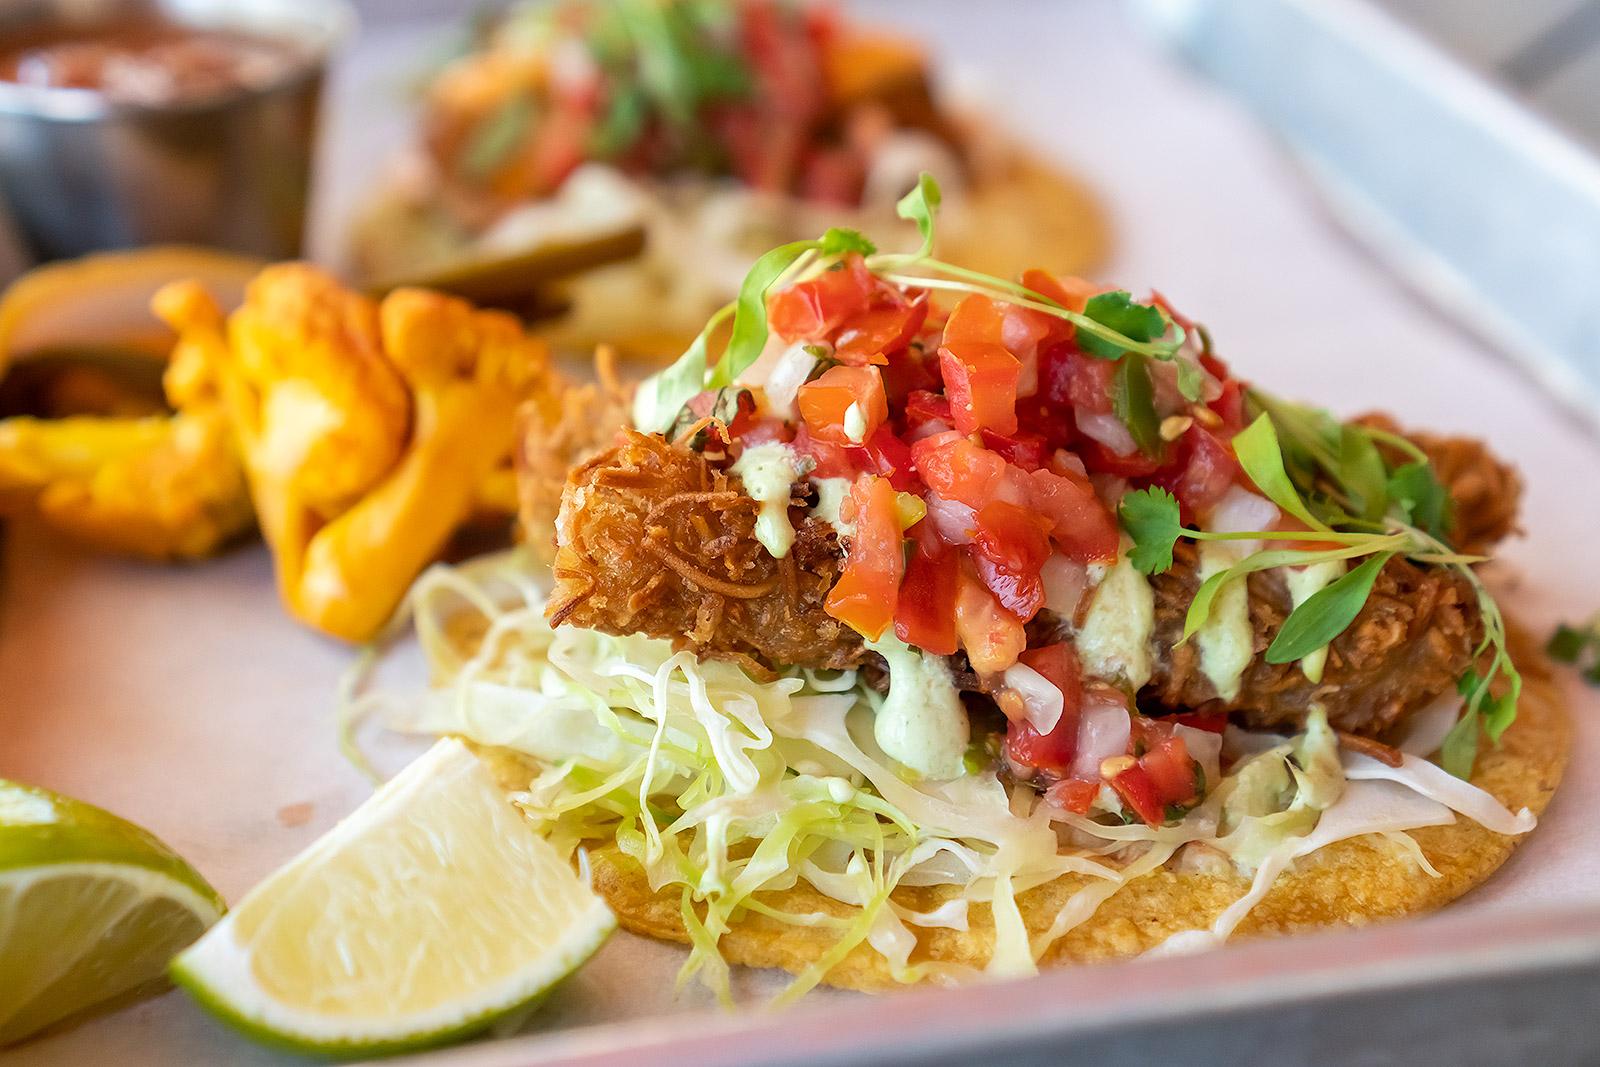 Omni Fish Tacos